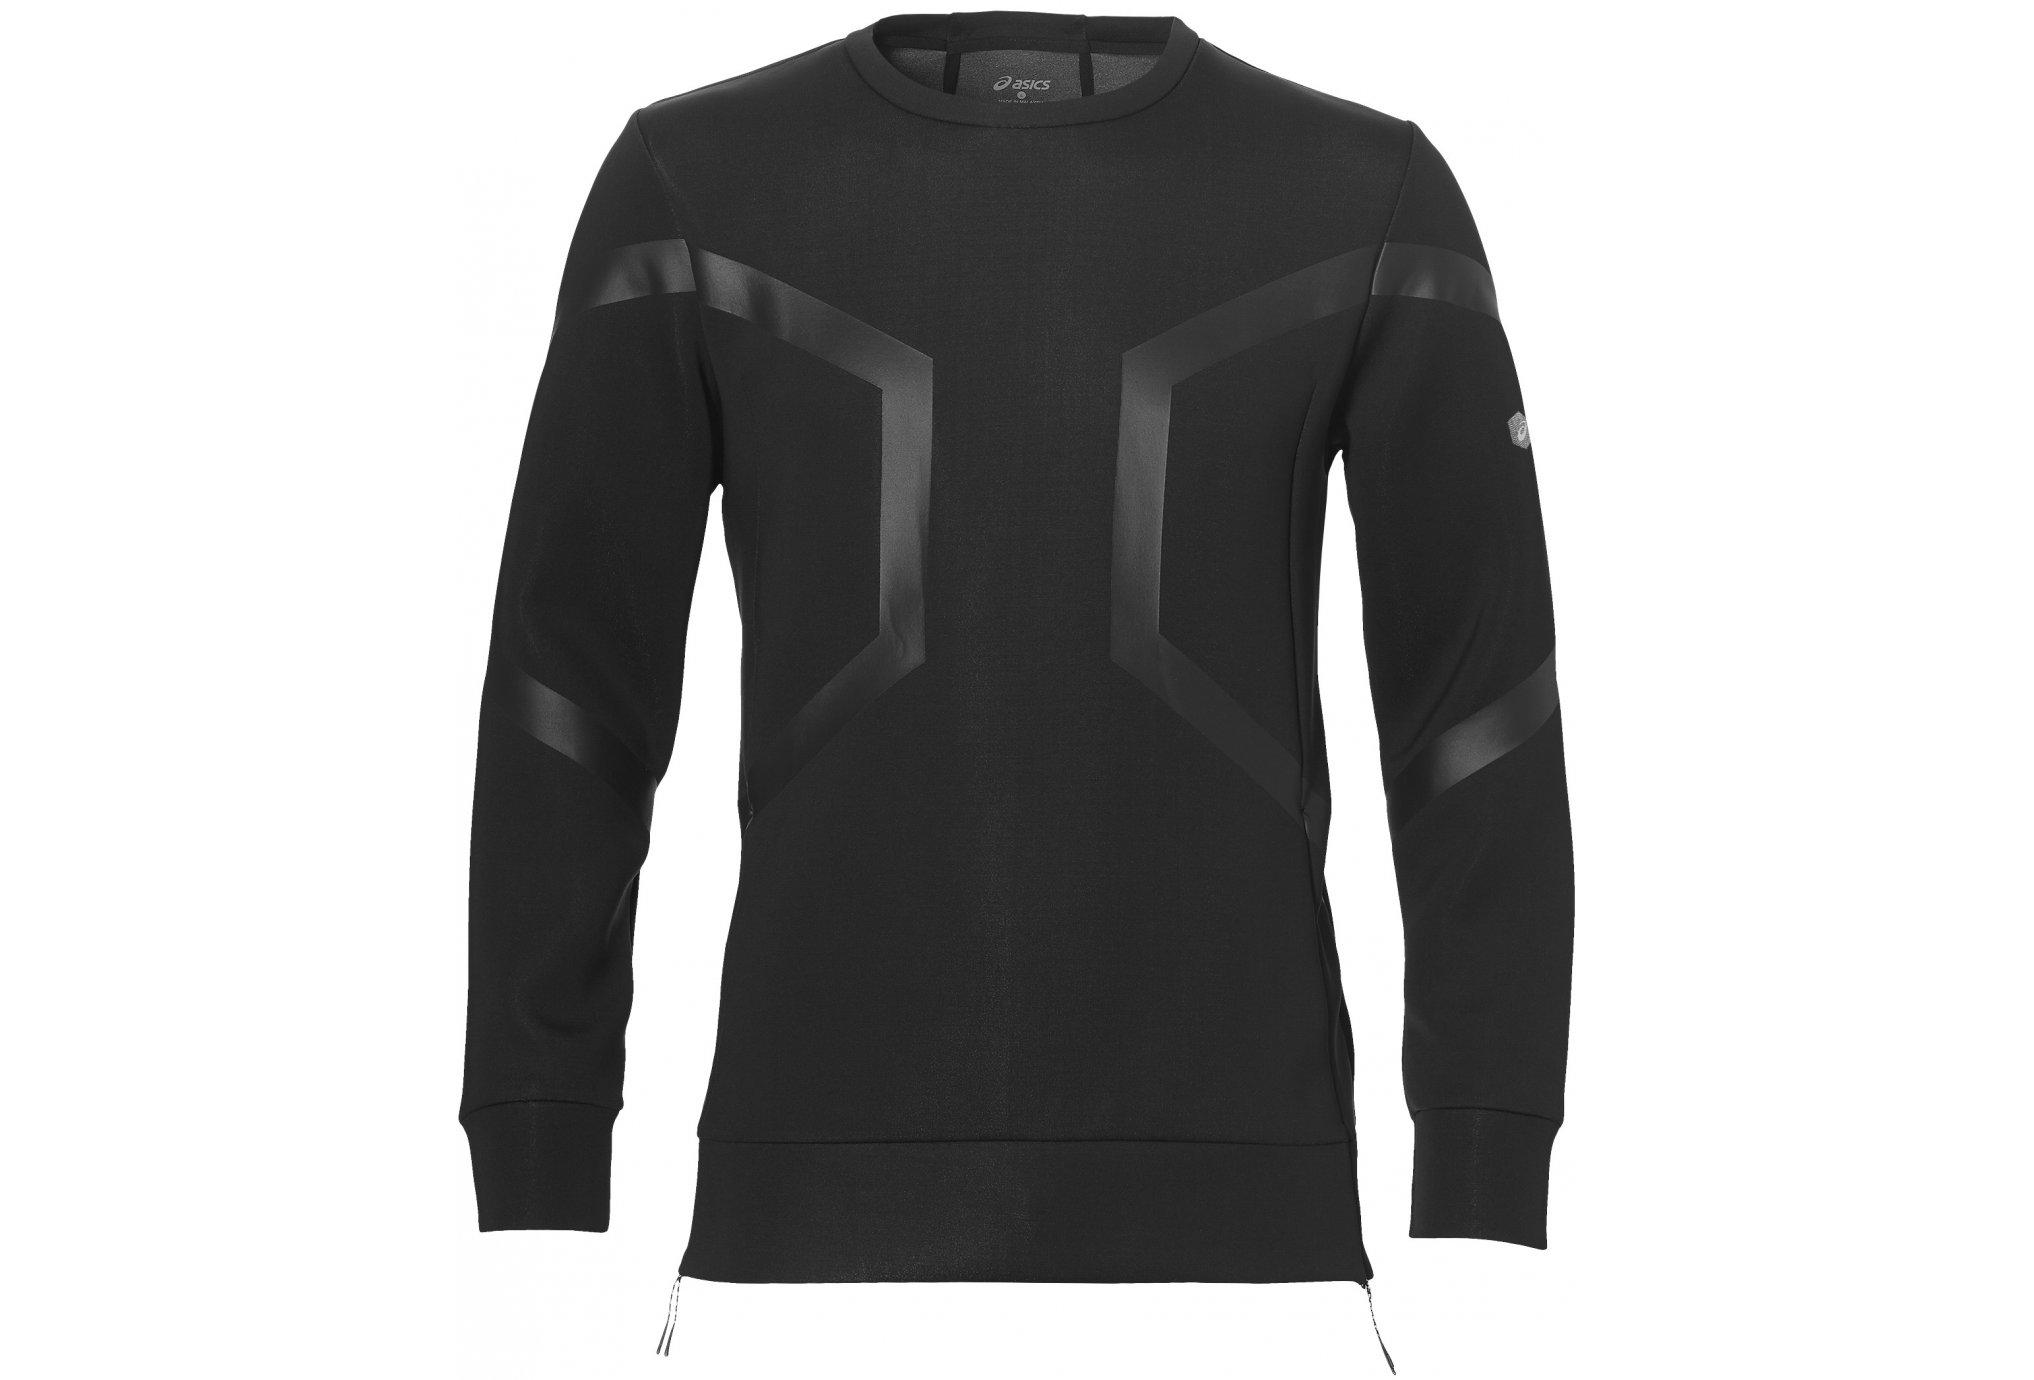 Asics Hexagon crew top m vêtement running homme